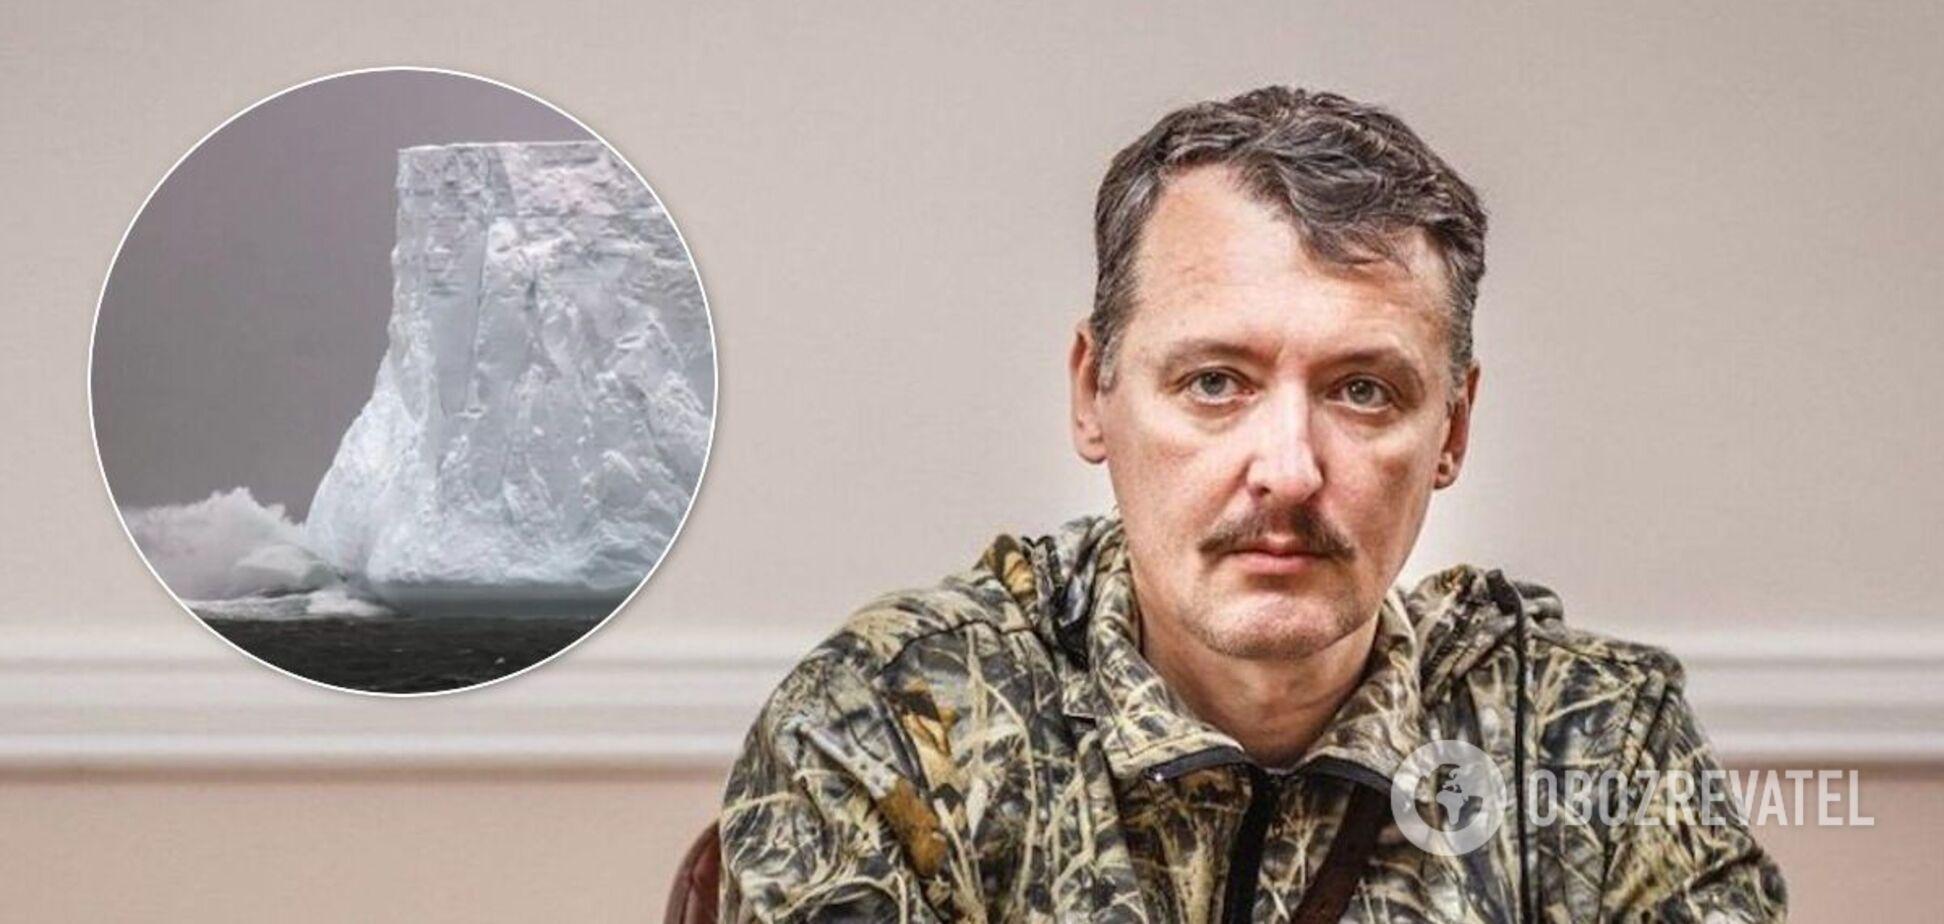 Гиркин предложил решить проблему с водой в Крыму с помощью айсбергов